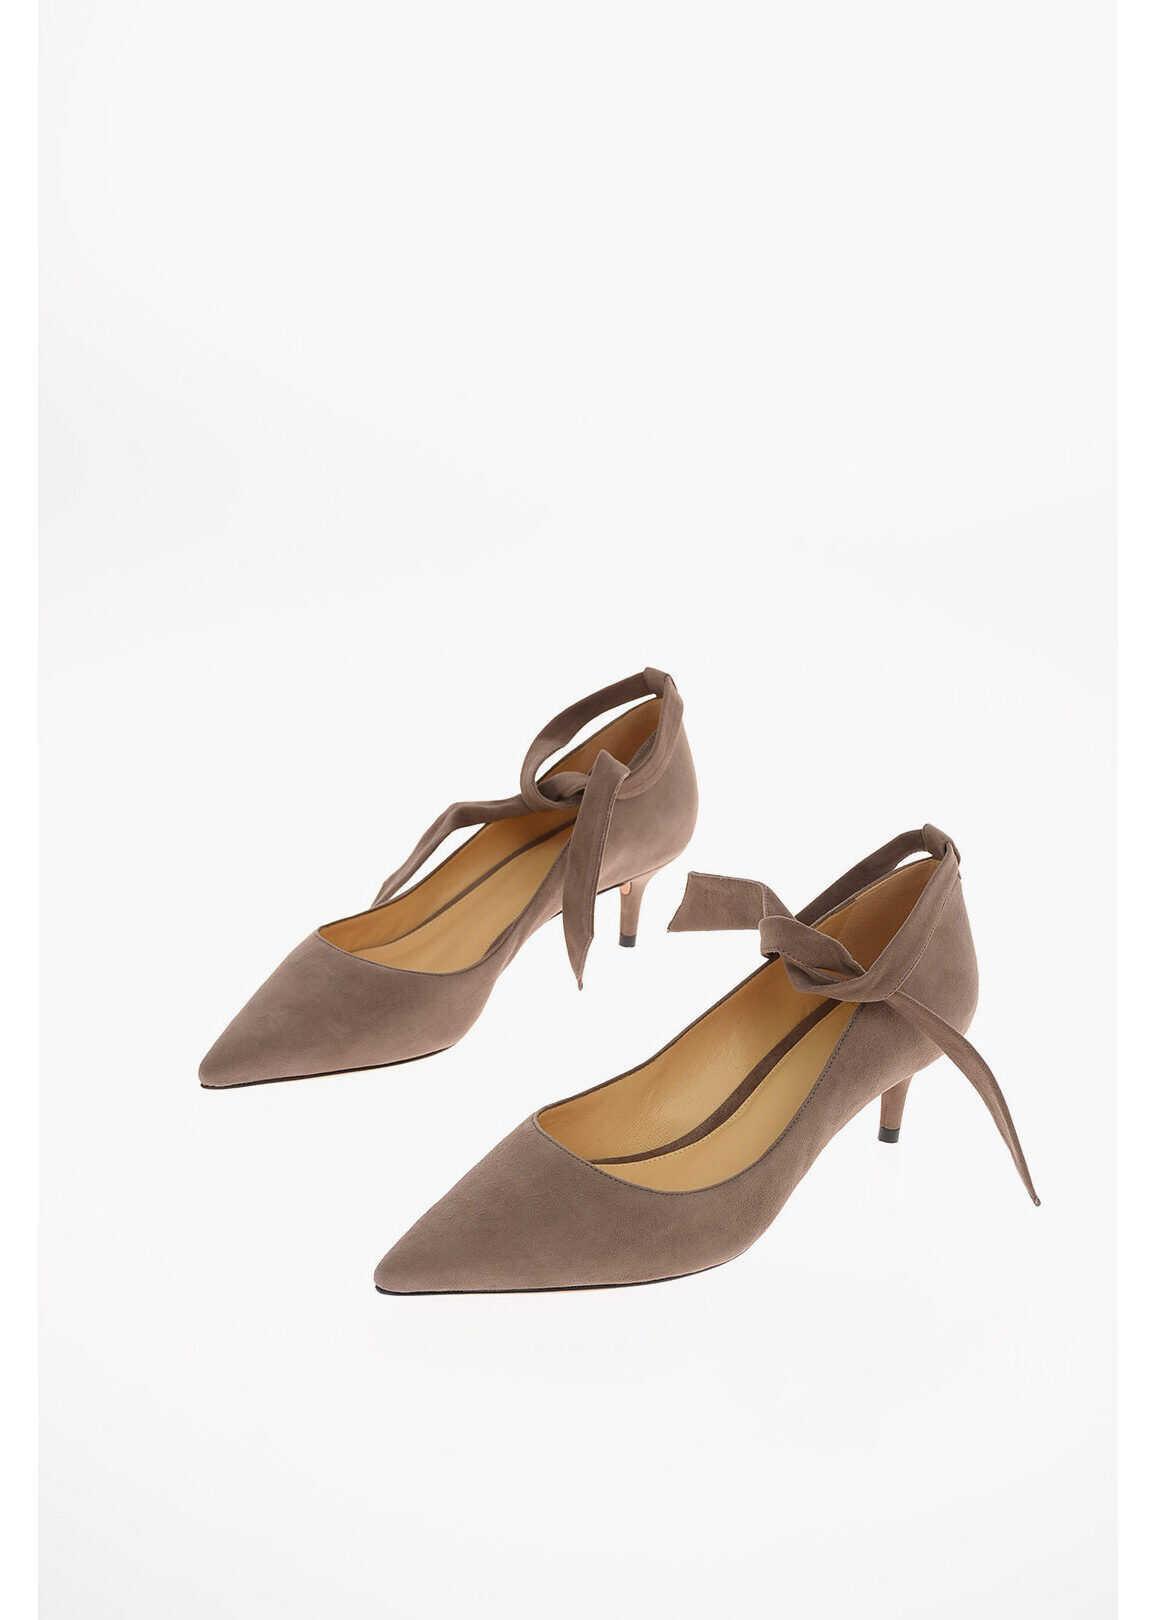 Alexandre Birman 6cm Suede leather CLARITA Ankle-strap pumps GRAY imagine b-mall.ro